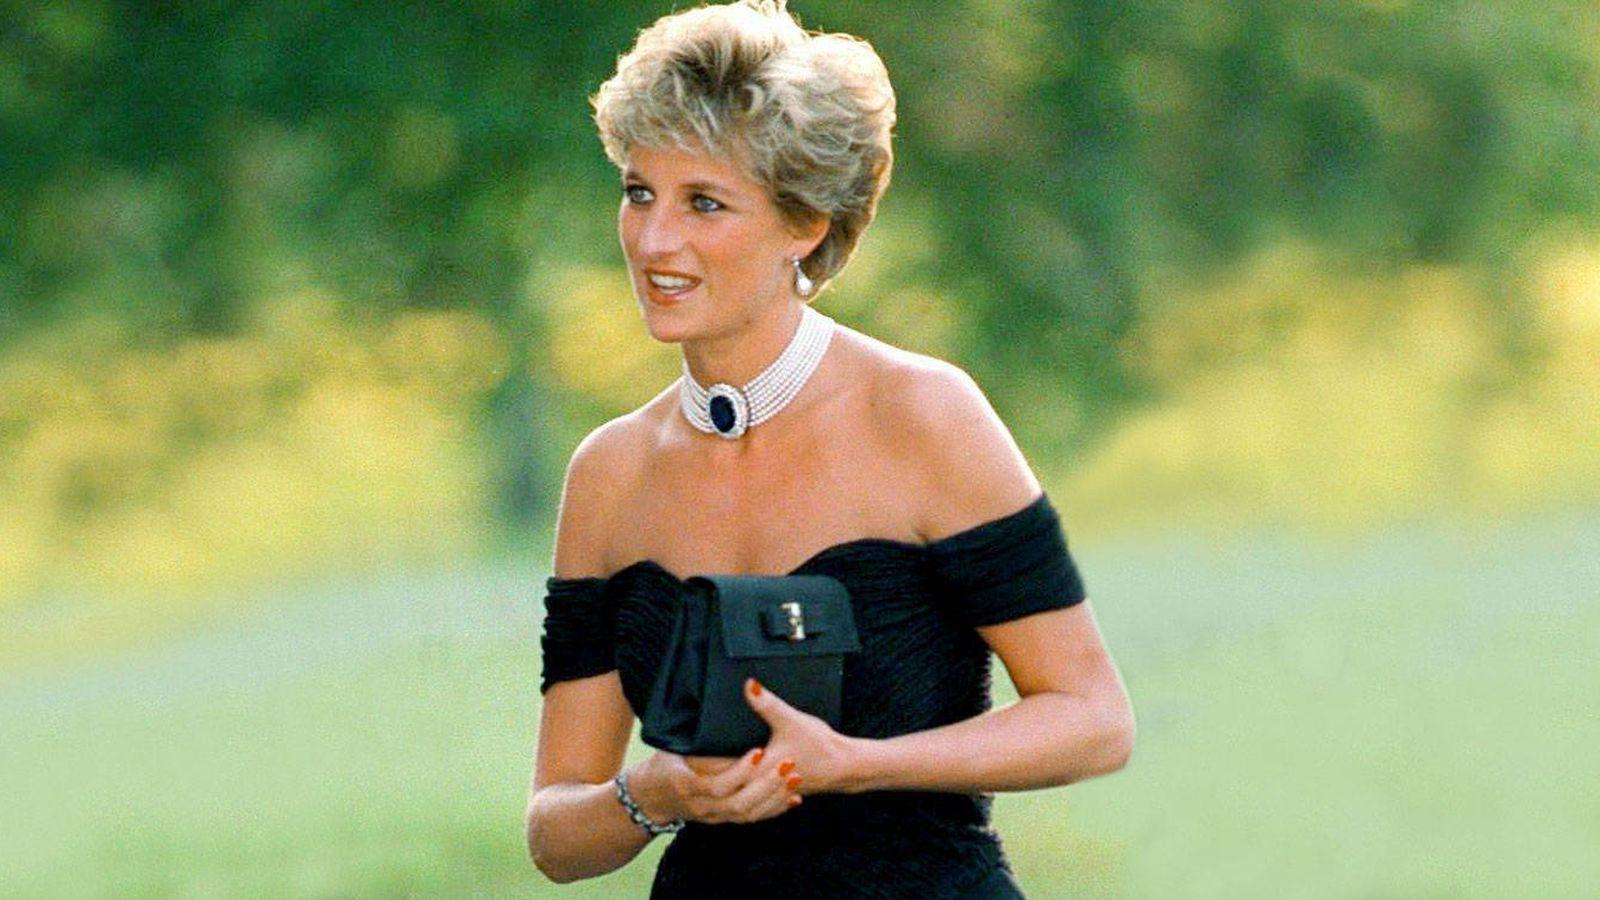 The Crown' - El baile de Lady Di en público que enfureció al príncipe Carlos